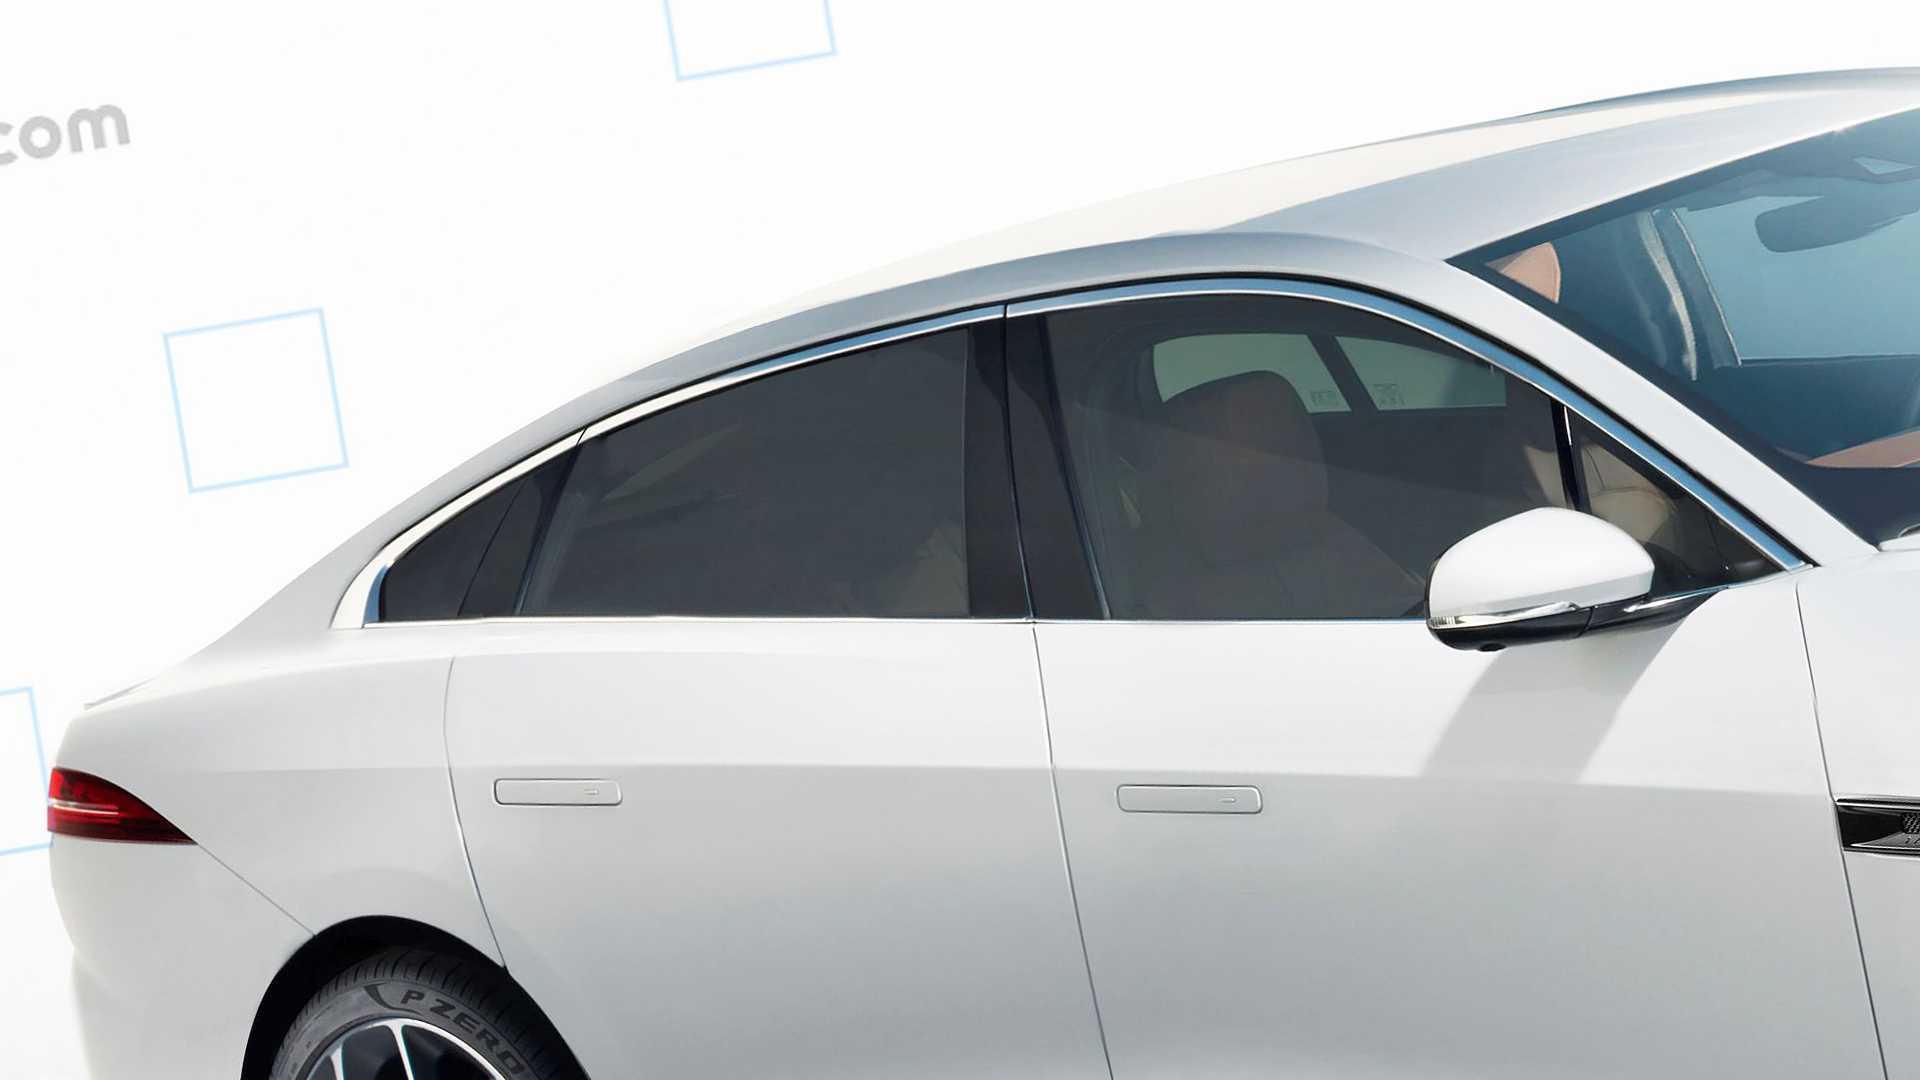 Jaguar Teases New Xj At Land Rover Defender Debut